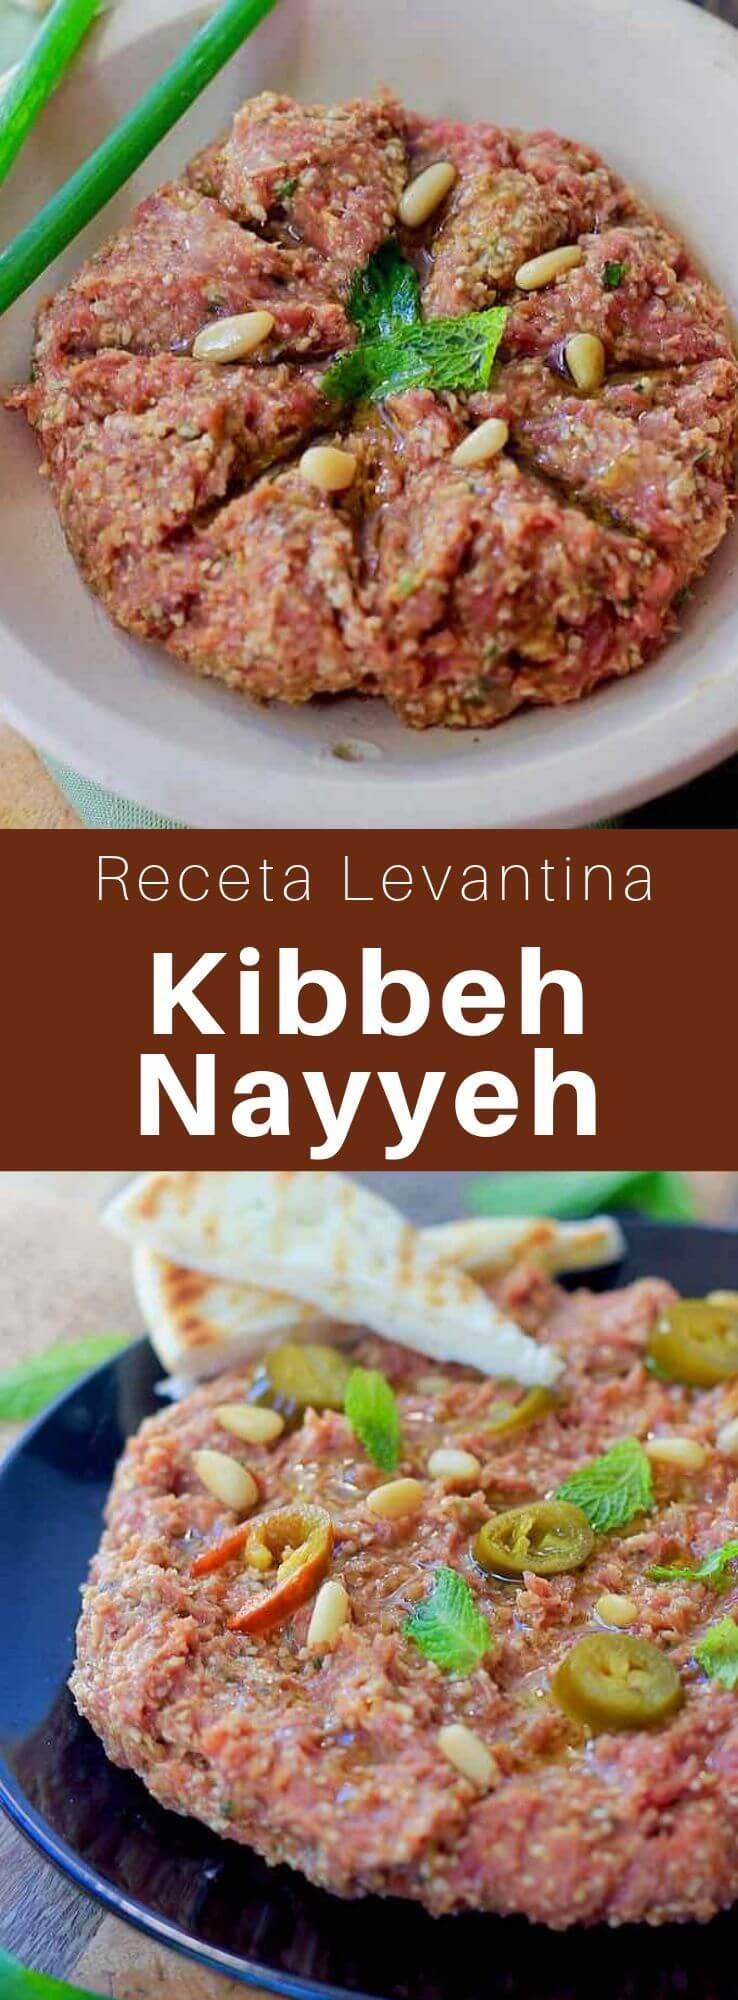 El kibbeh nayyeh es un mezze levantino. Se elabora con carne cruda de cabra o cordero picada y mezclada con bulgur fino y especias y hierbas.